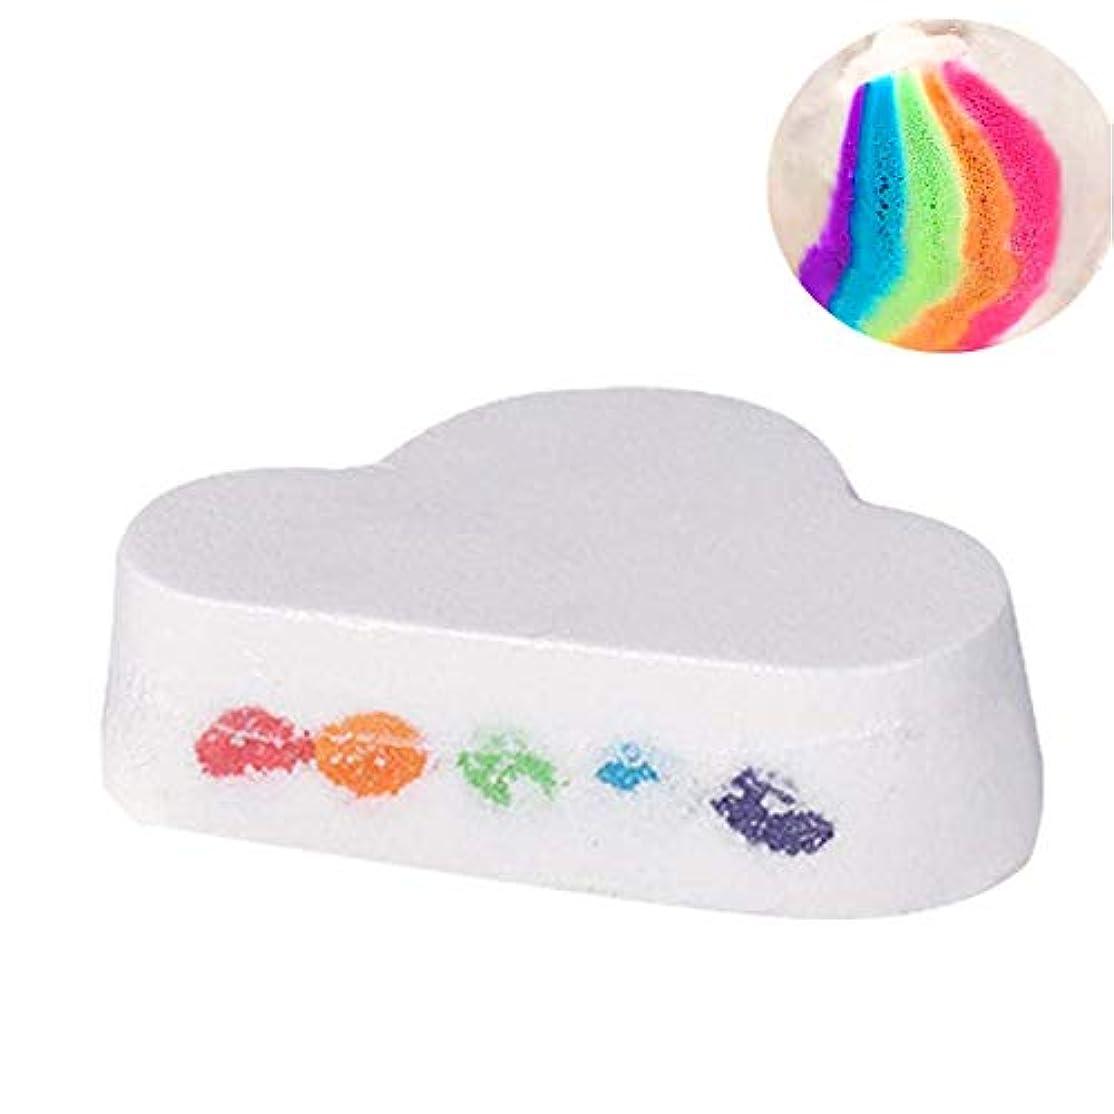 恵みインストール早いレインボー クラウド 入浴ボール 入浴剤 風呂泡の泡立った浮遊物 虹色 女性用保湿スキンギフト